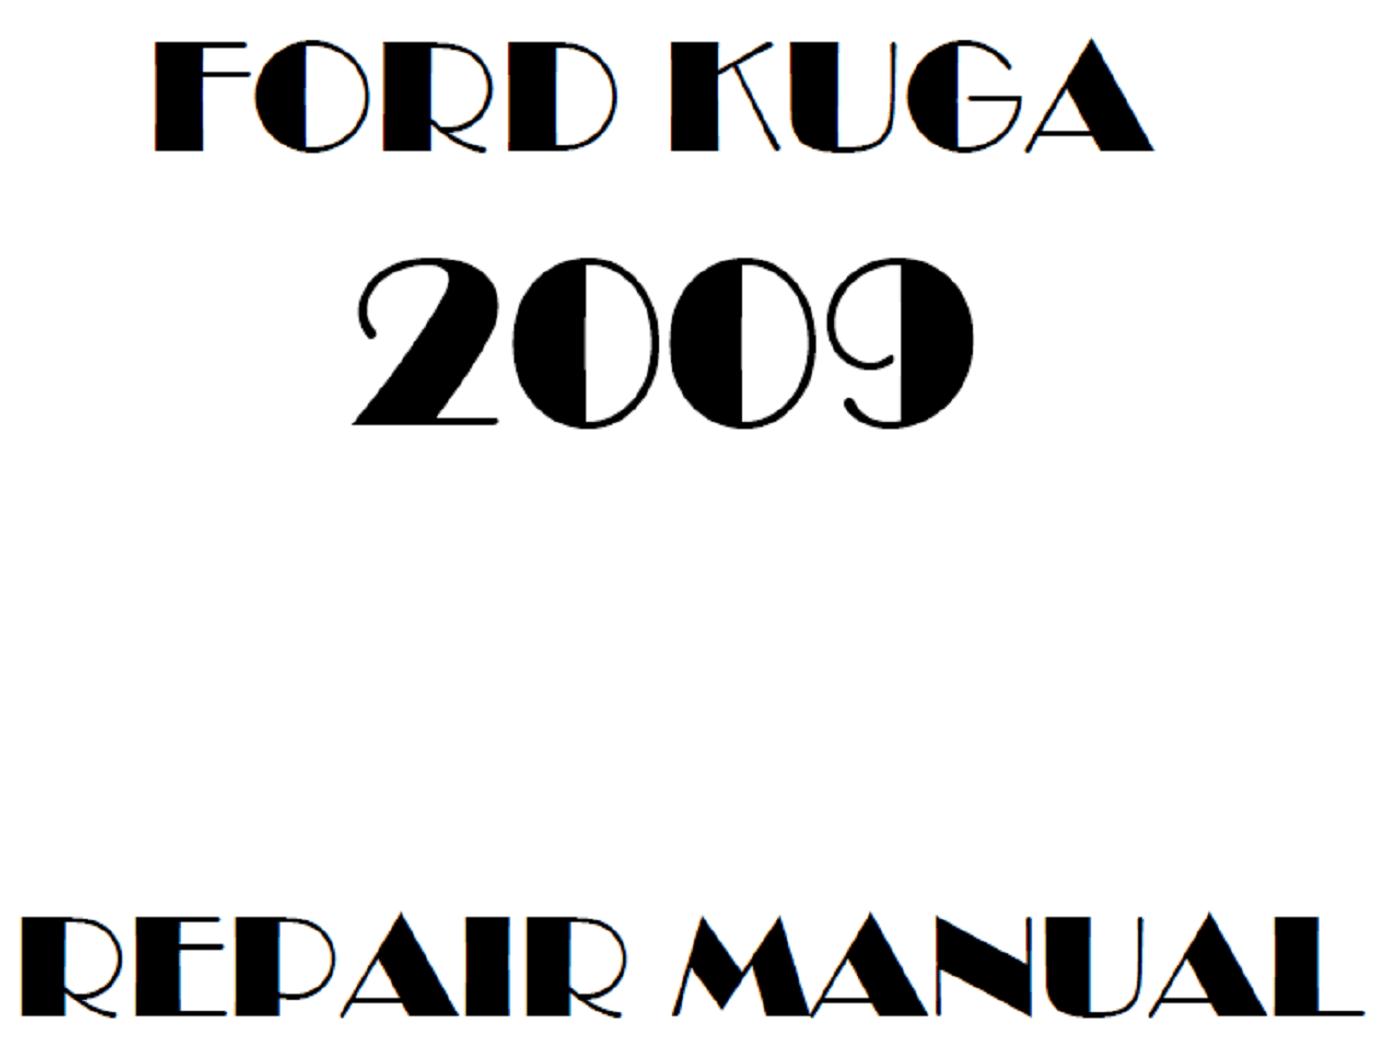 2009 Ford Kuga repair manual